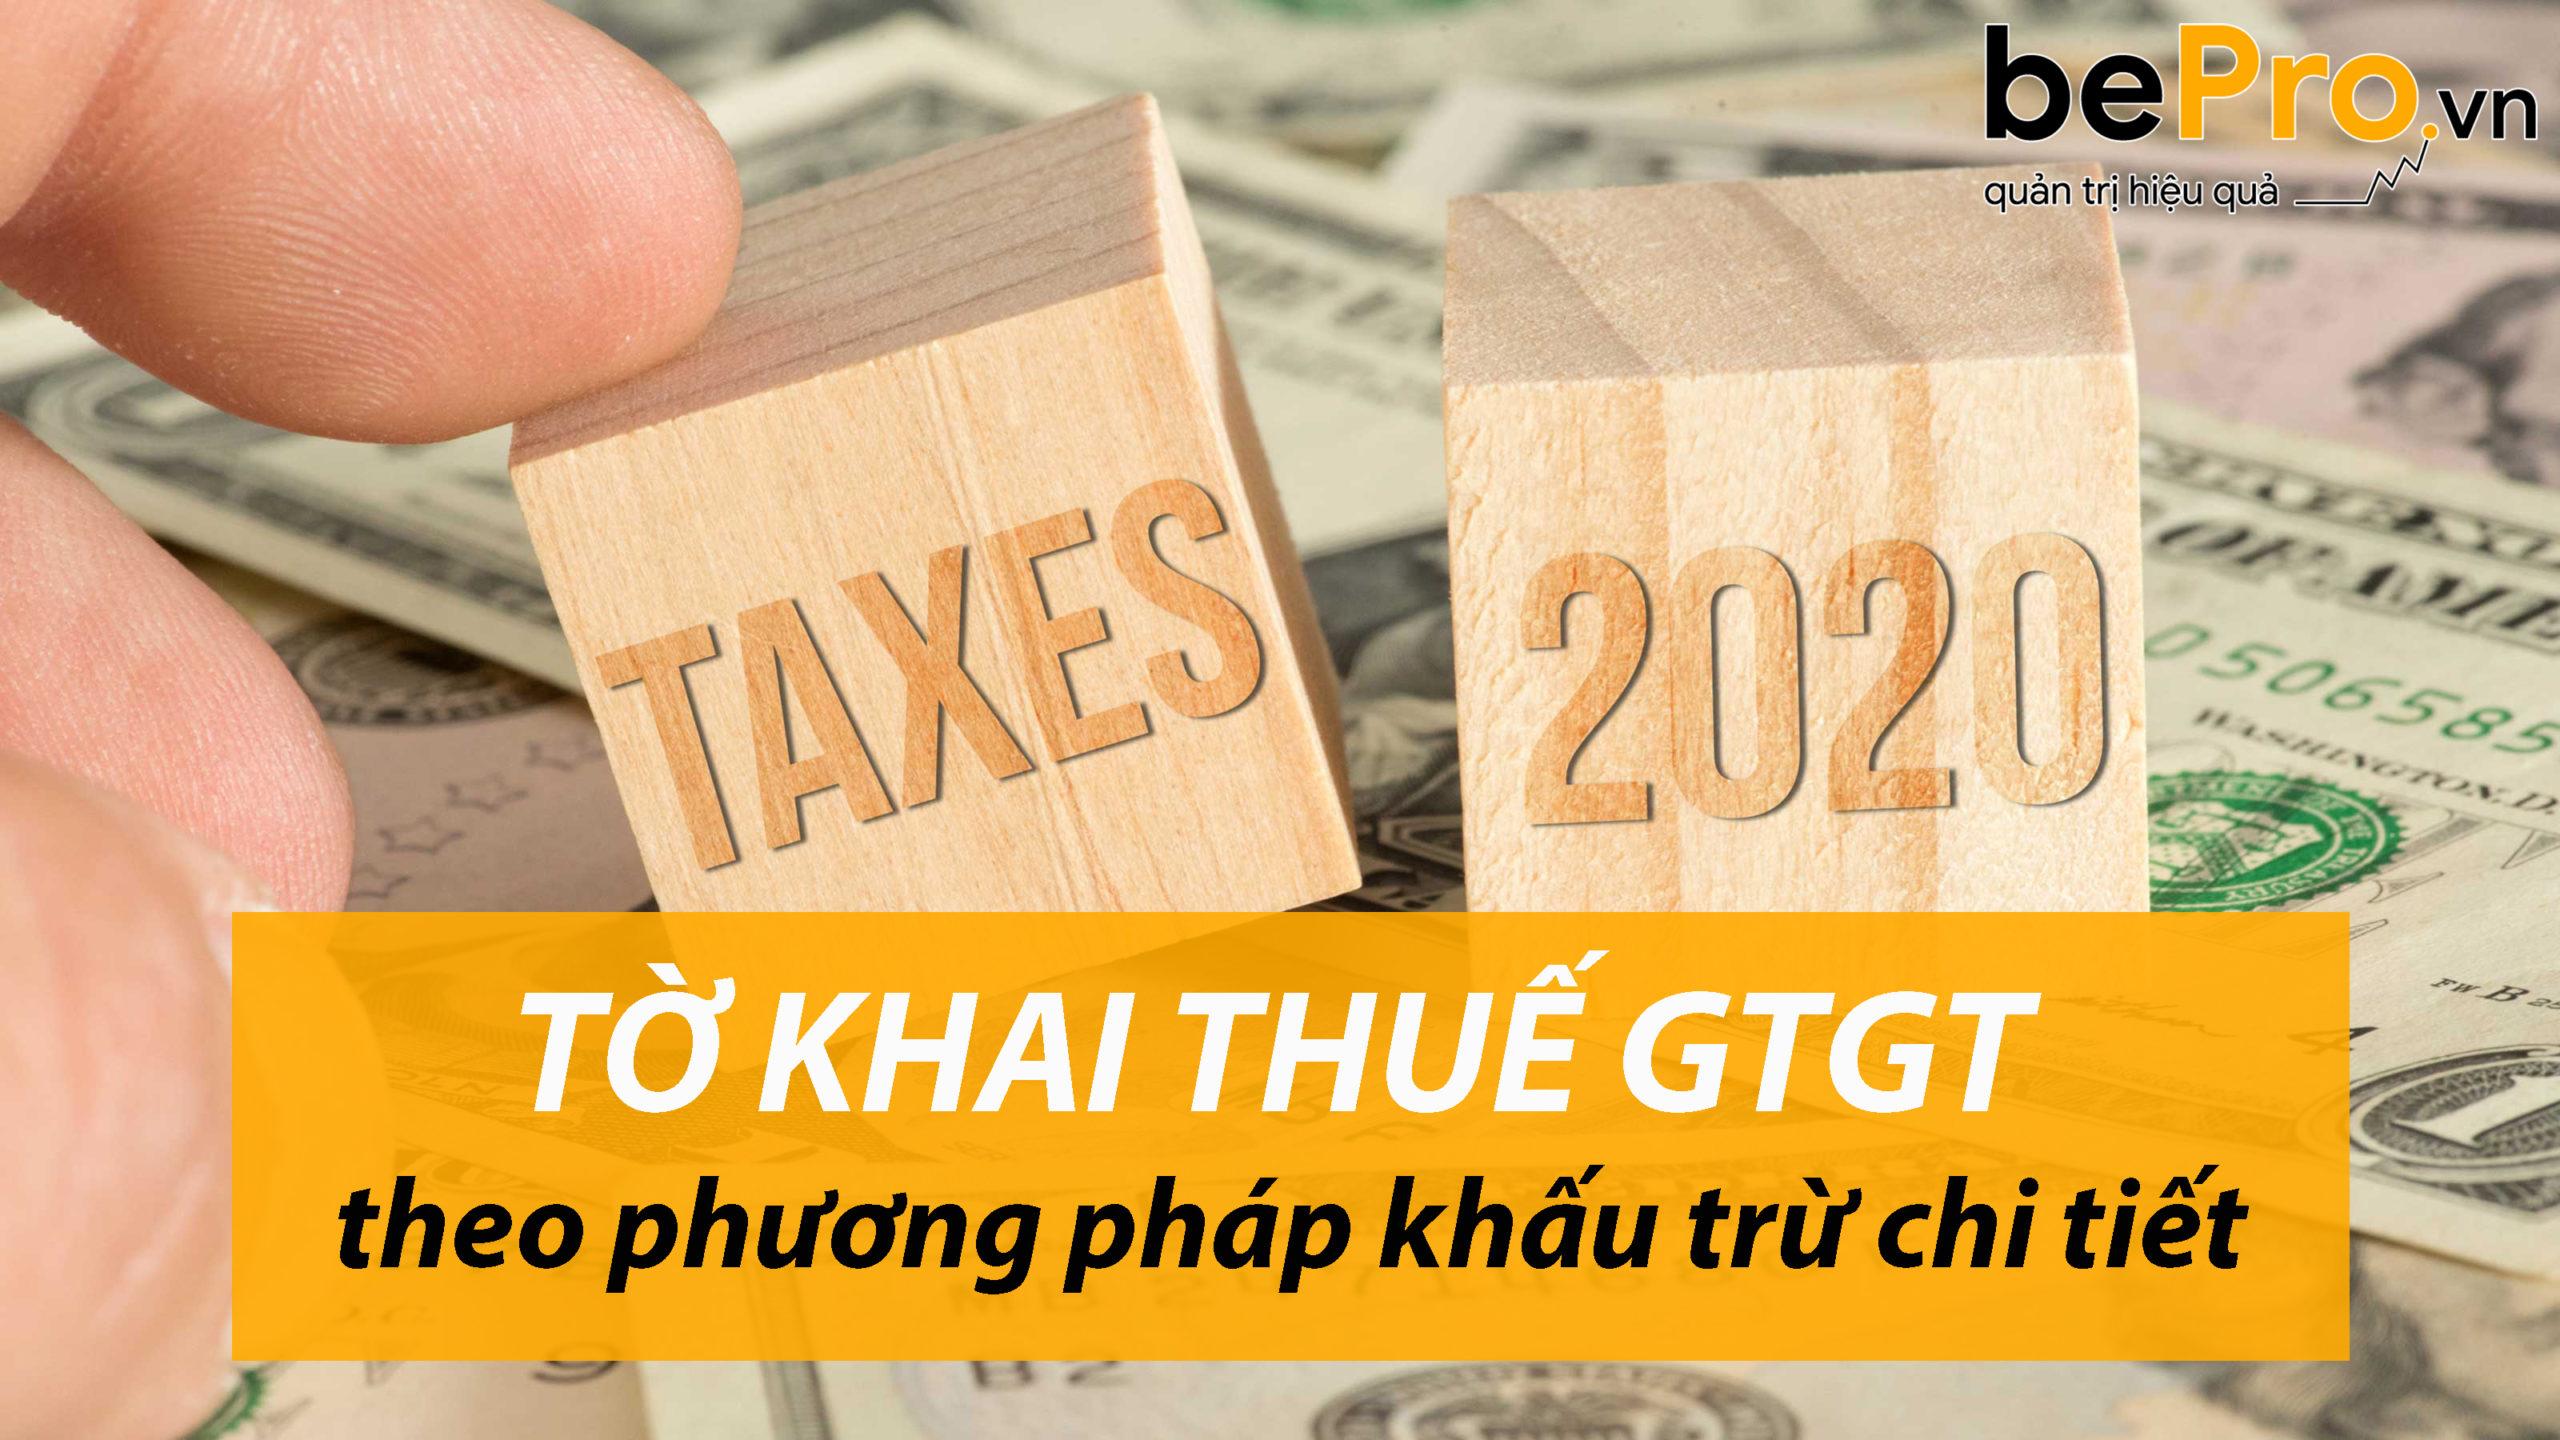 Tờ khai thuế GTGT theo phương pháp khấu trừ chi tiết